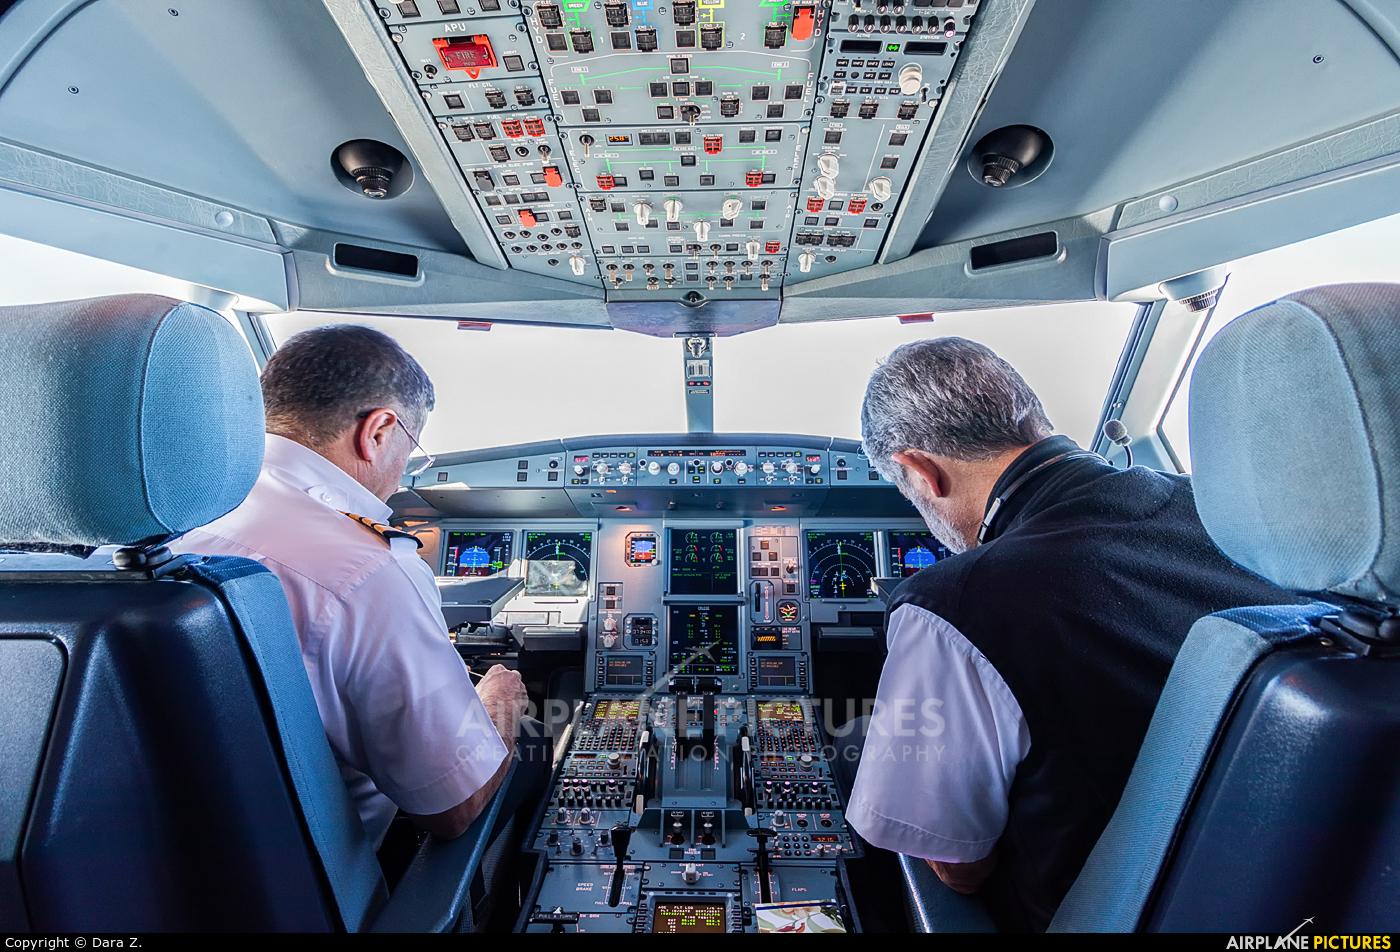 Iran Air EP-IJB aircraft at In Flight - Romania